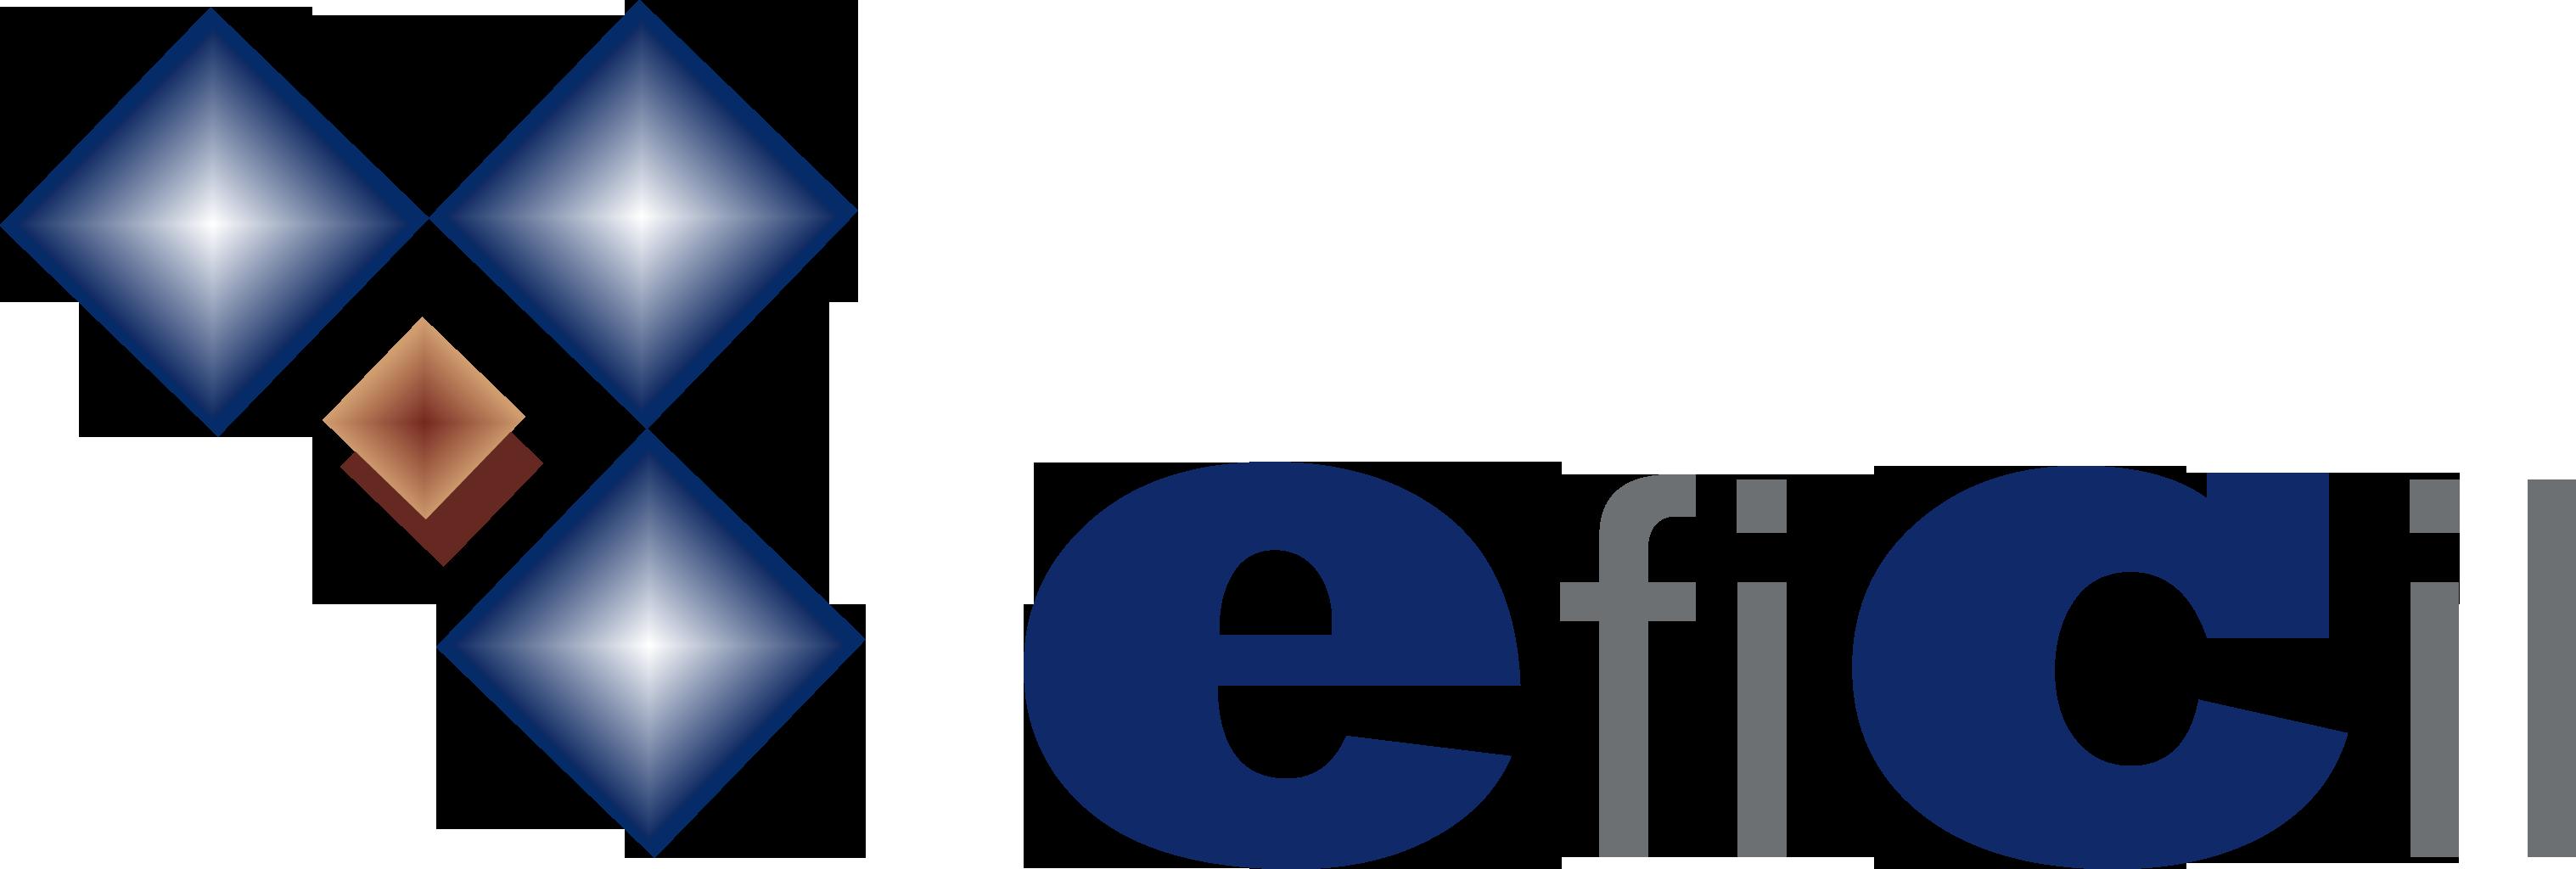 EfiCil - Consultoría